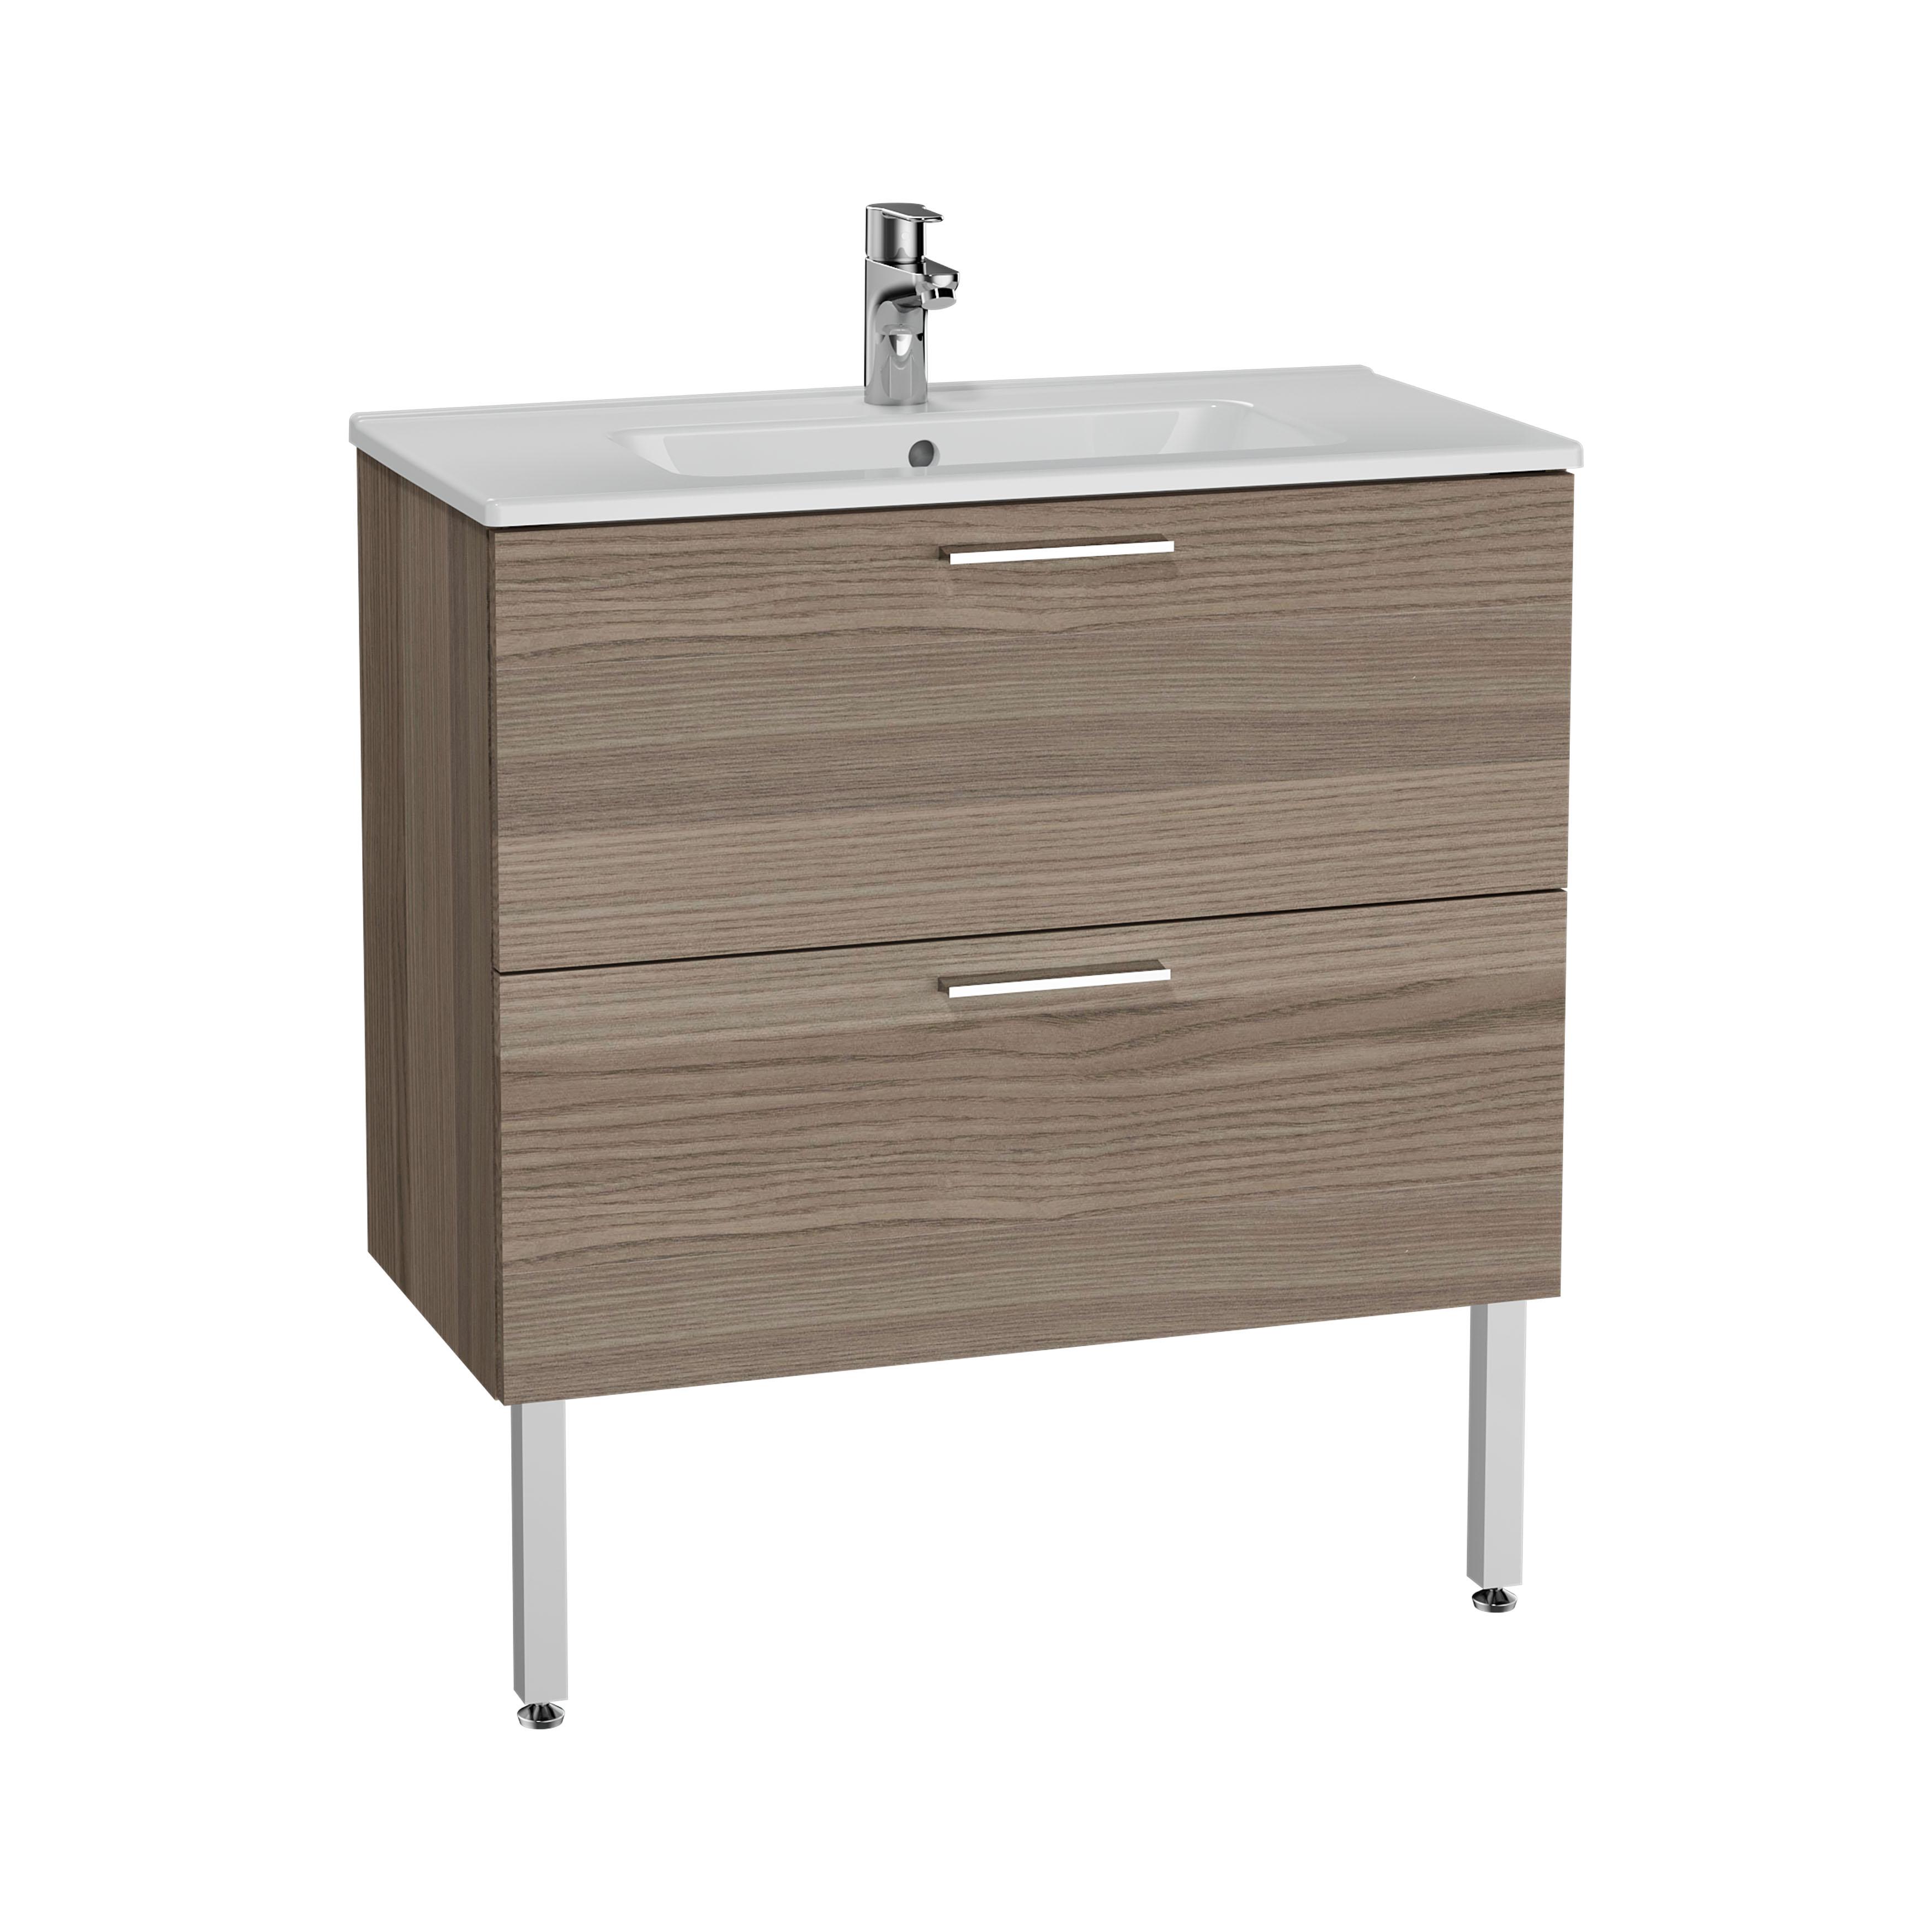 Mia set de meuble, avec 2 tiroirs, sans miroir et éclairage, 80 cm, cordoba